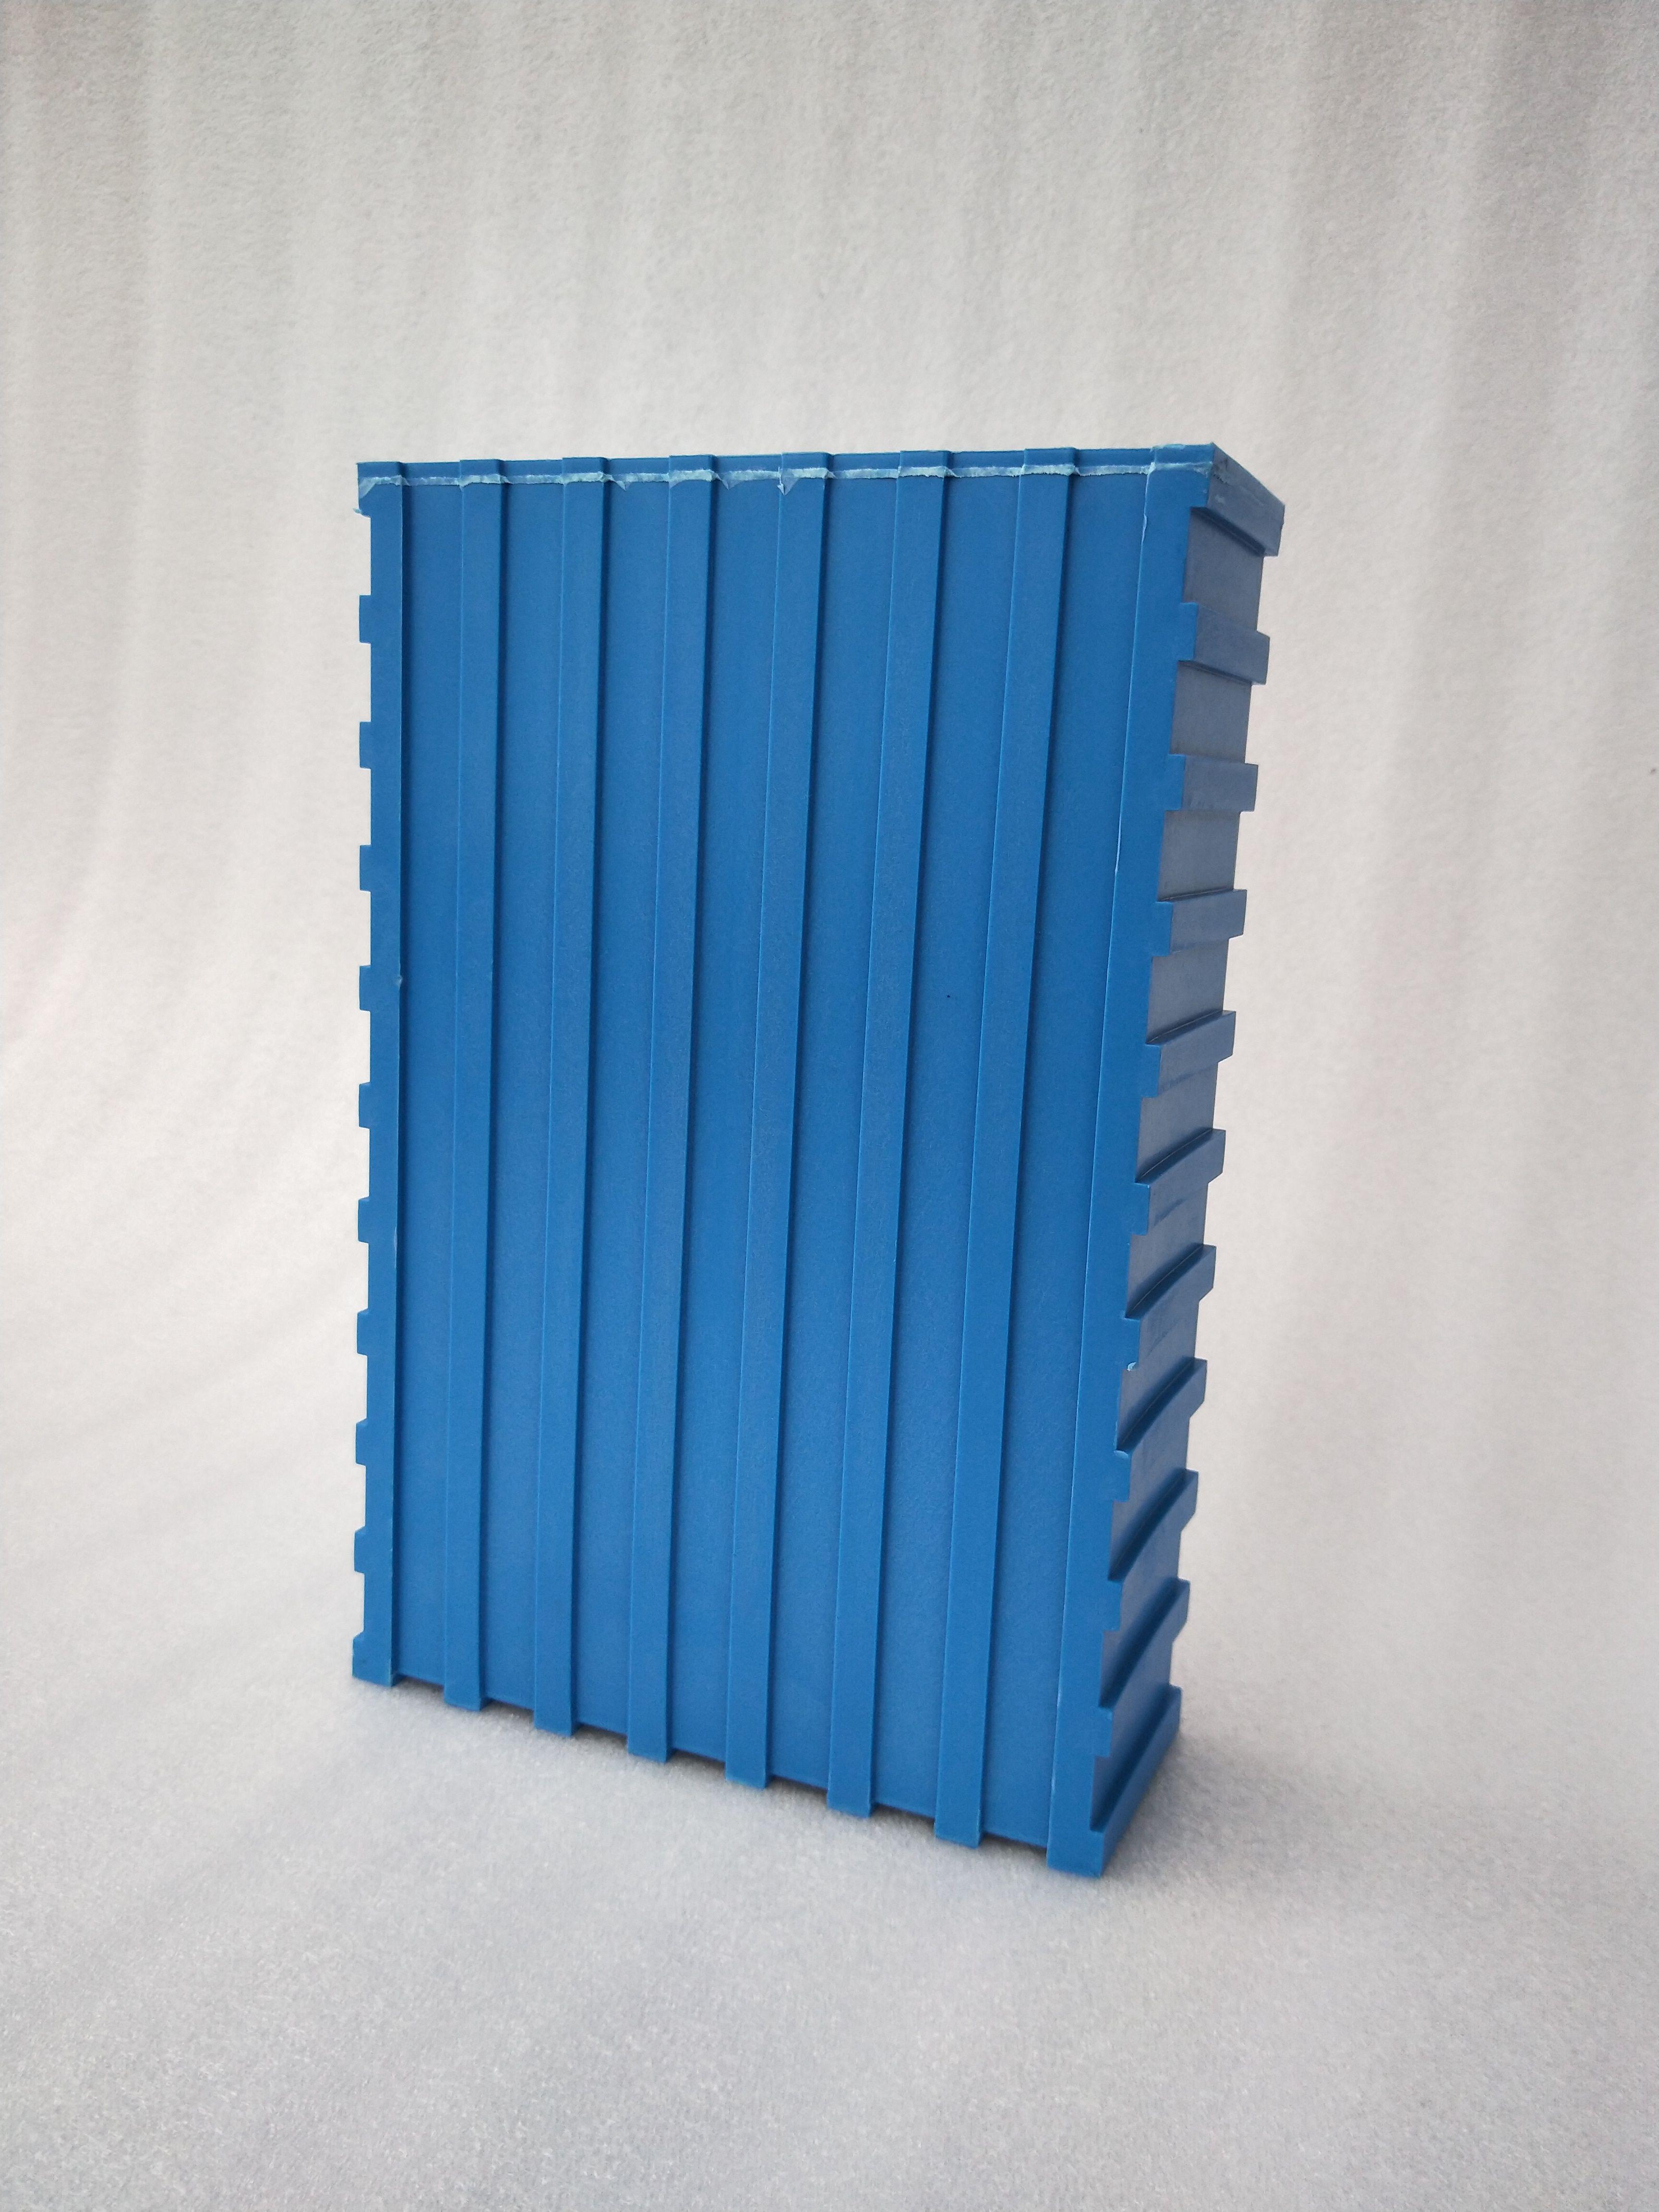 10% Rabatt preiswerter Preis für 4pcs / Lot CALB SE200 3.2V 200Ah Batterie LiFePO4 Zelle